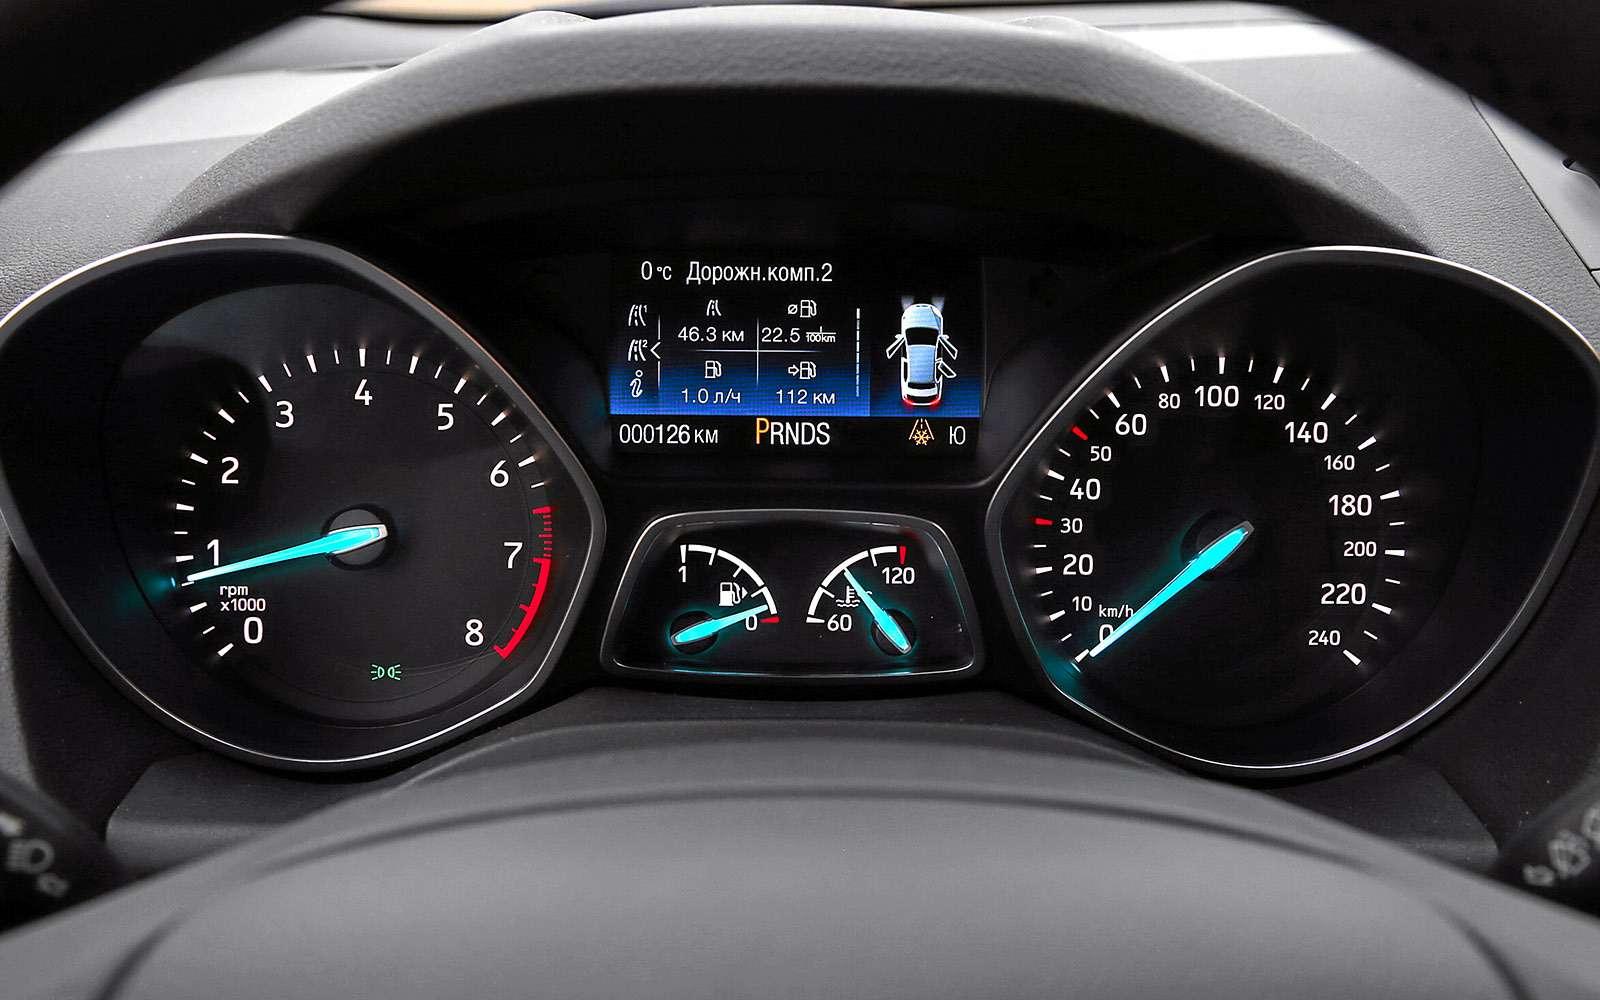 Обновленный Ford Kuga российской сборки: мыпоездили нанем первыми!— фото 674477